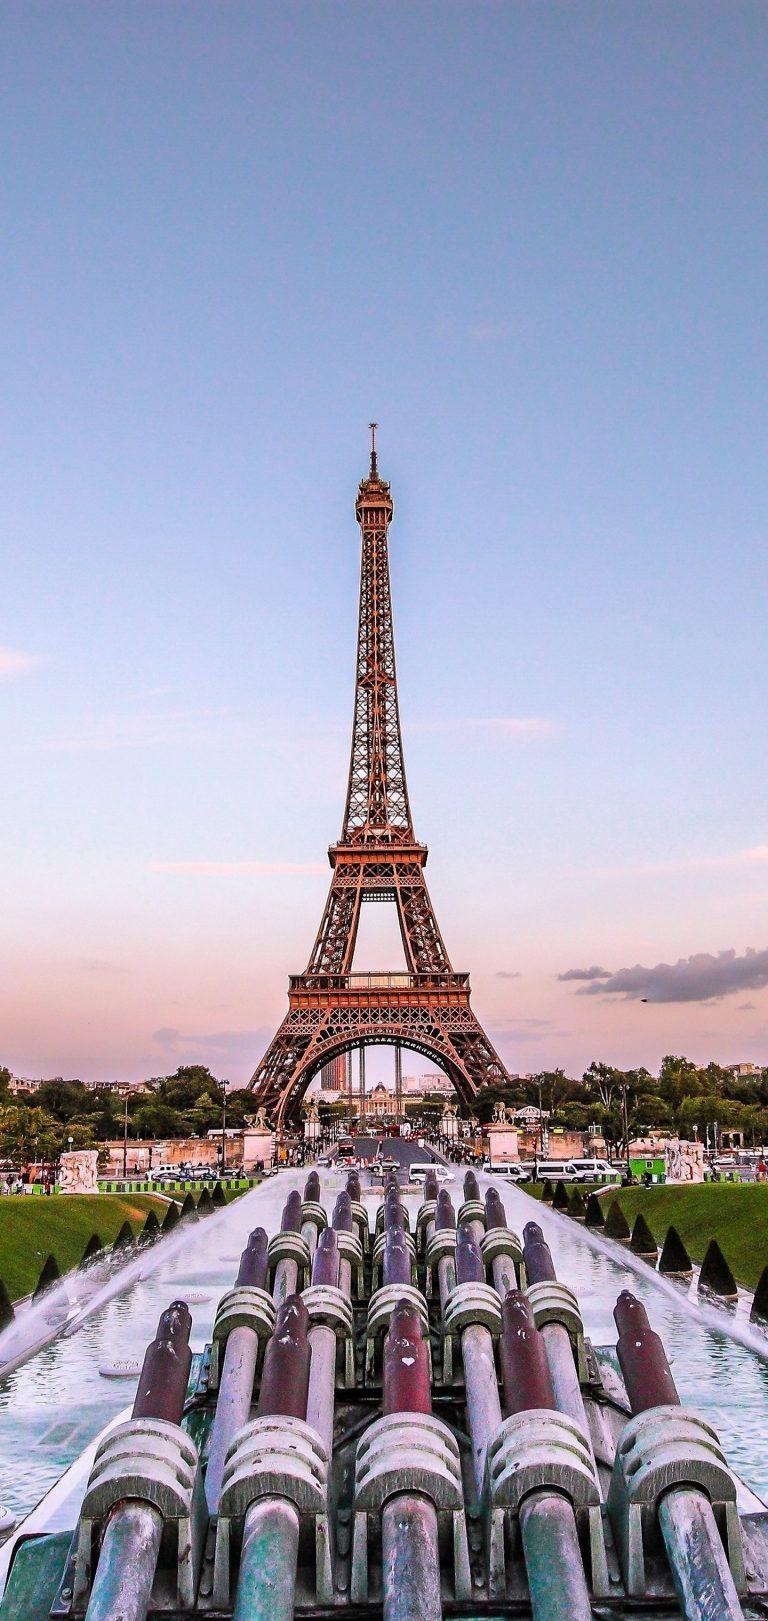 Eiffel Tower Paris Gold Evening France Wallpaper 1440x3040 768x1621